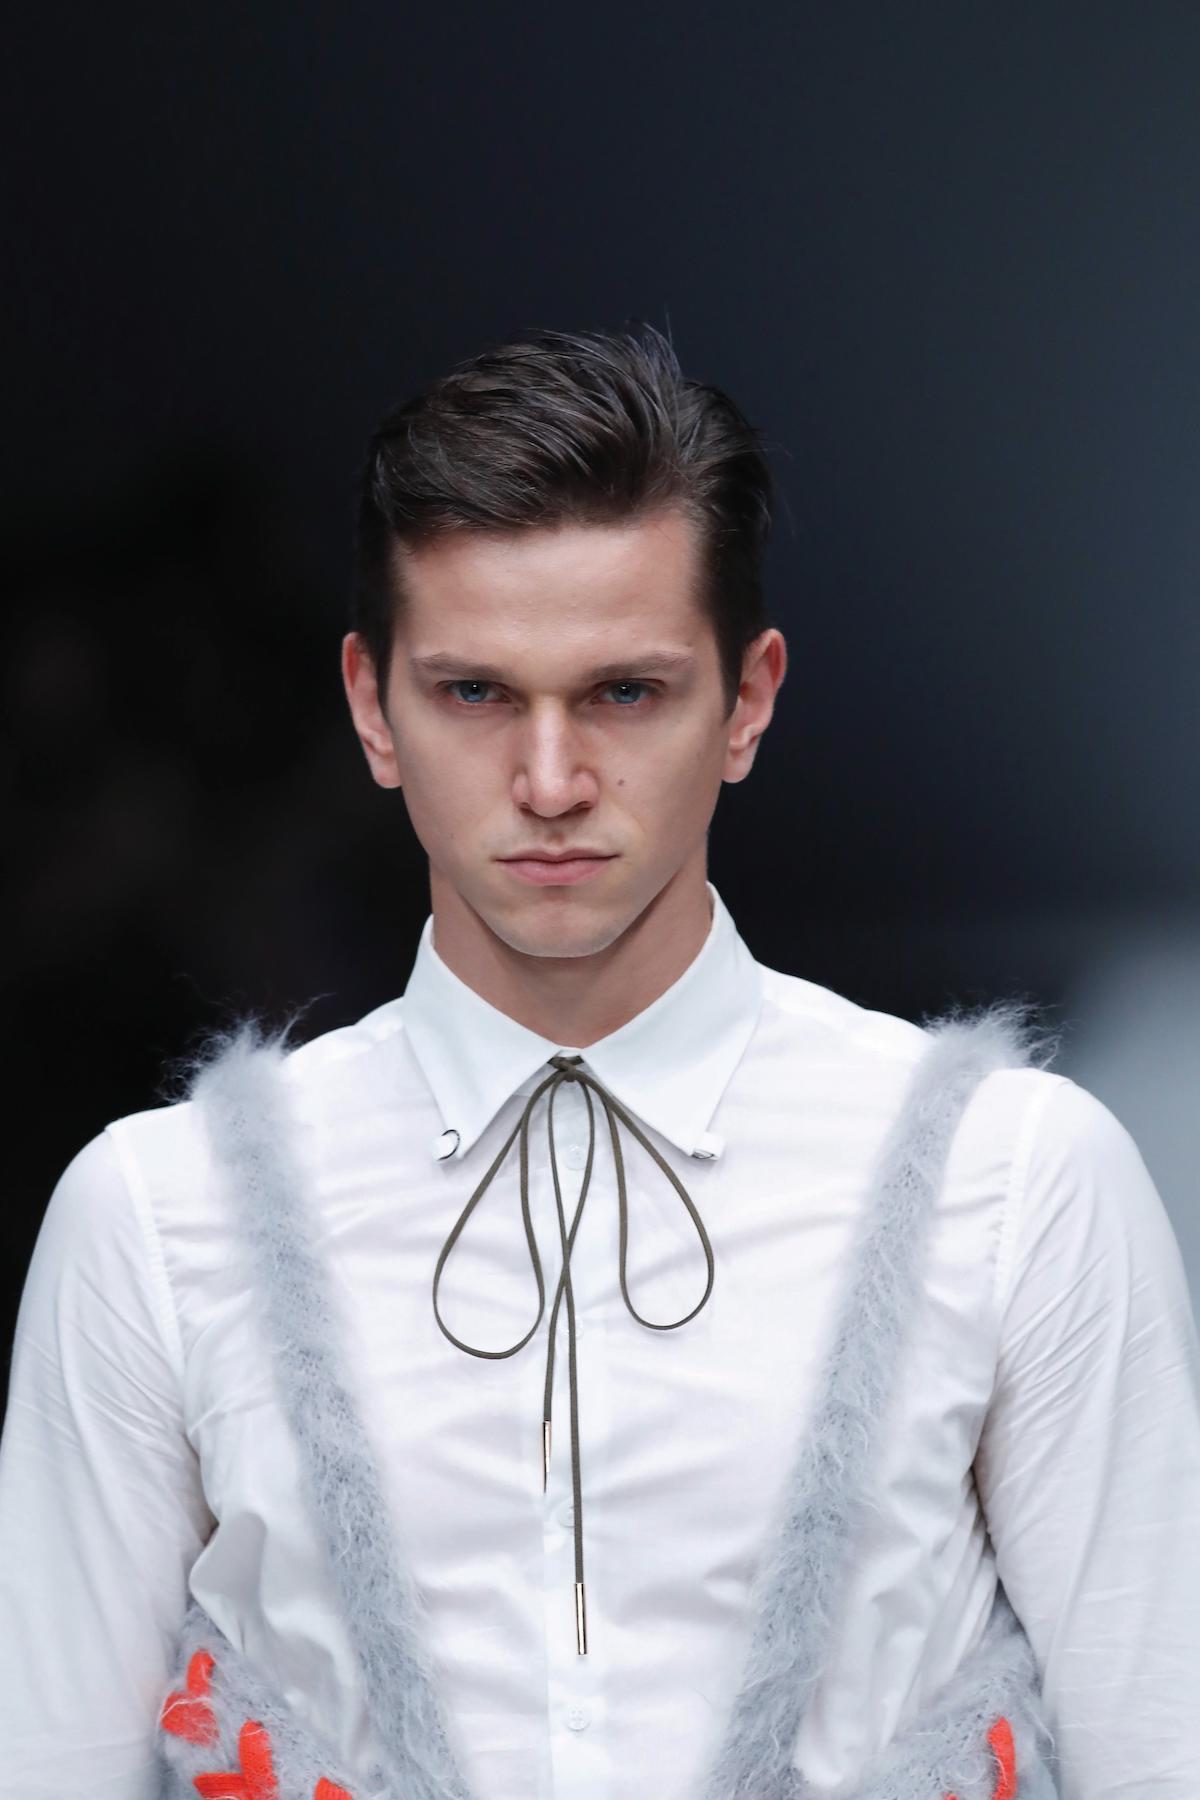 Pria kaukasia dengan model rambut quiff pendek bertekstur